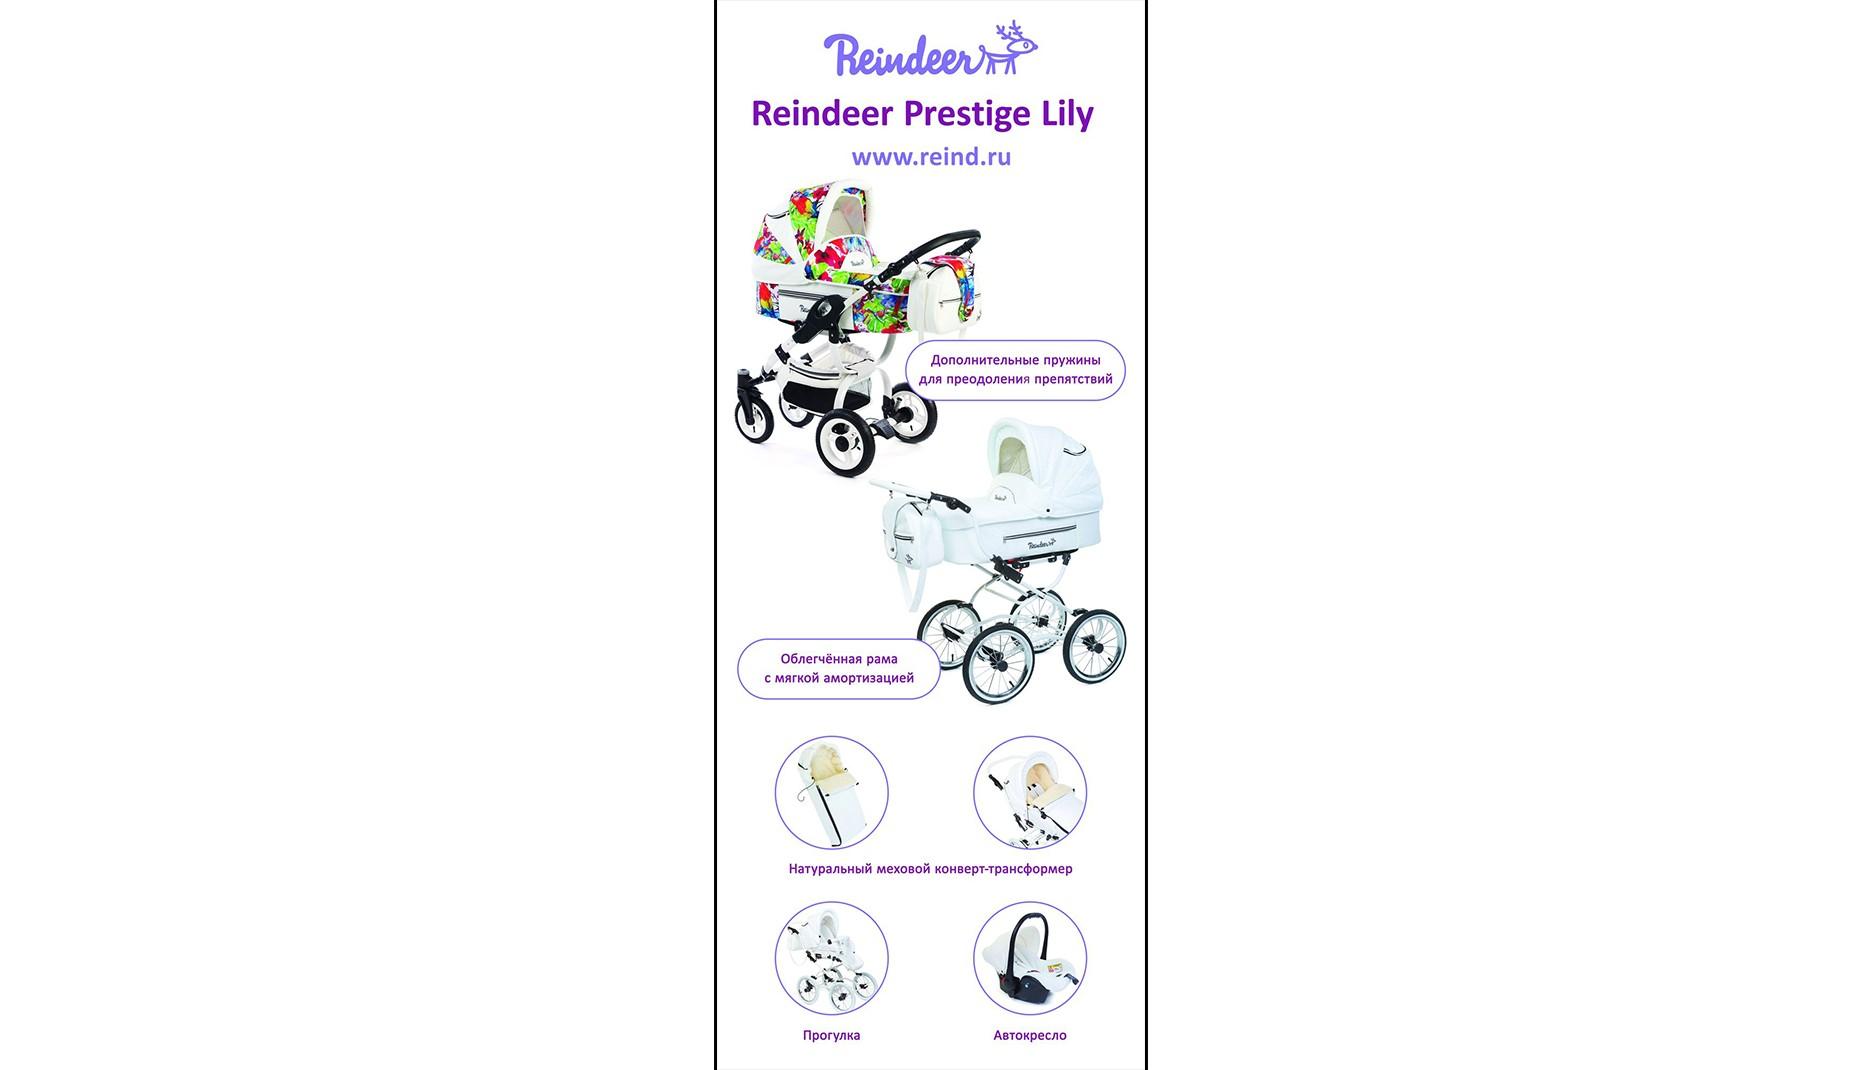 Баннер Reindeer Lily 200х80